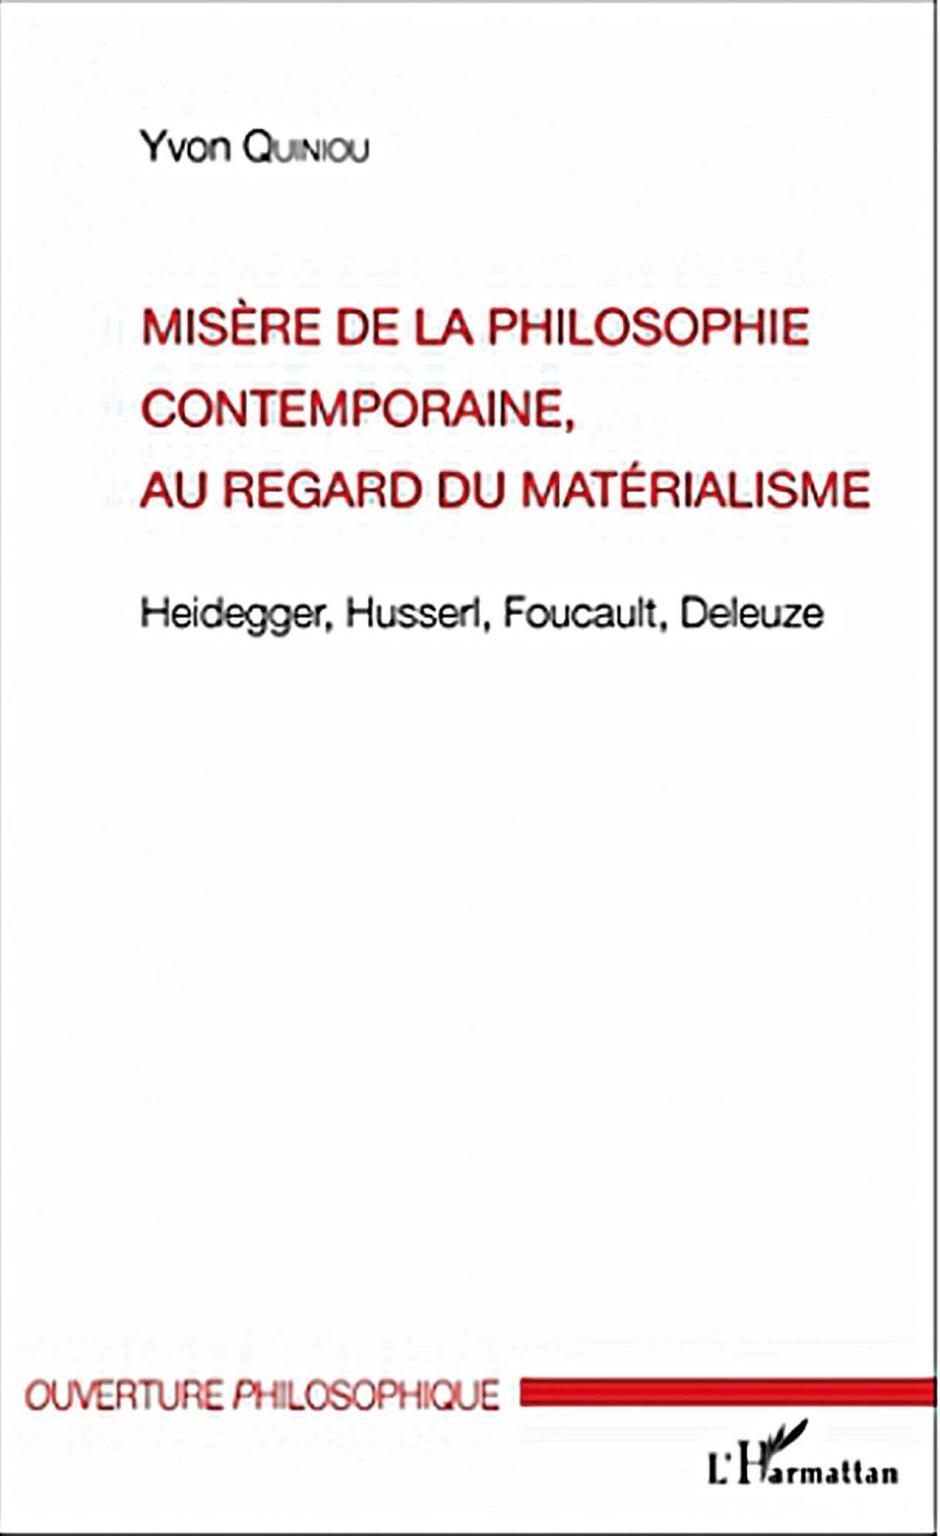 Misère de la philosophie contemporaine, au regard du matérialisme. Heidegger, Husserl, Foucault, Deleuze. Yvon QUINIOU